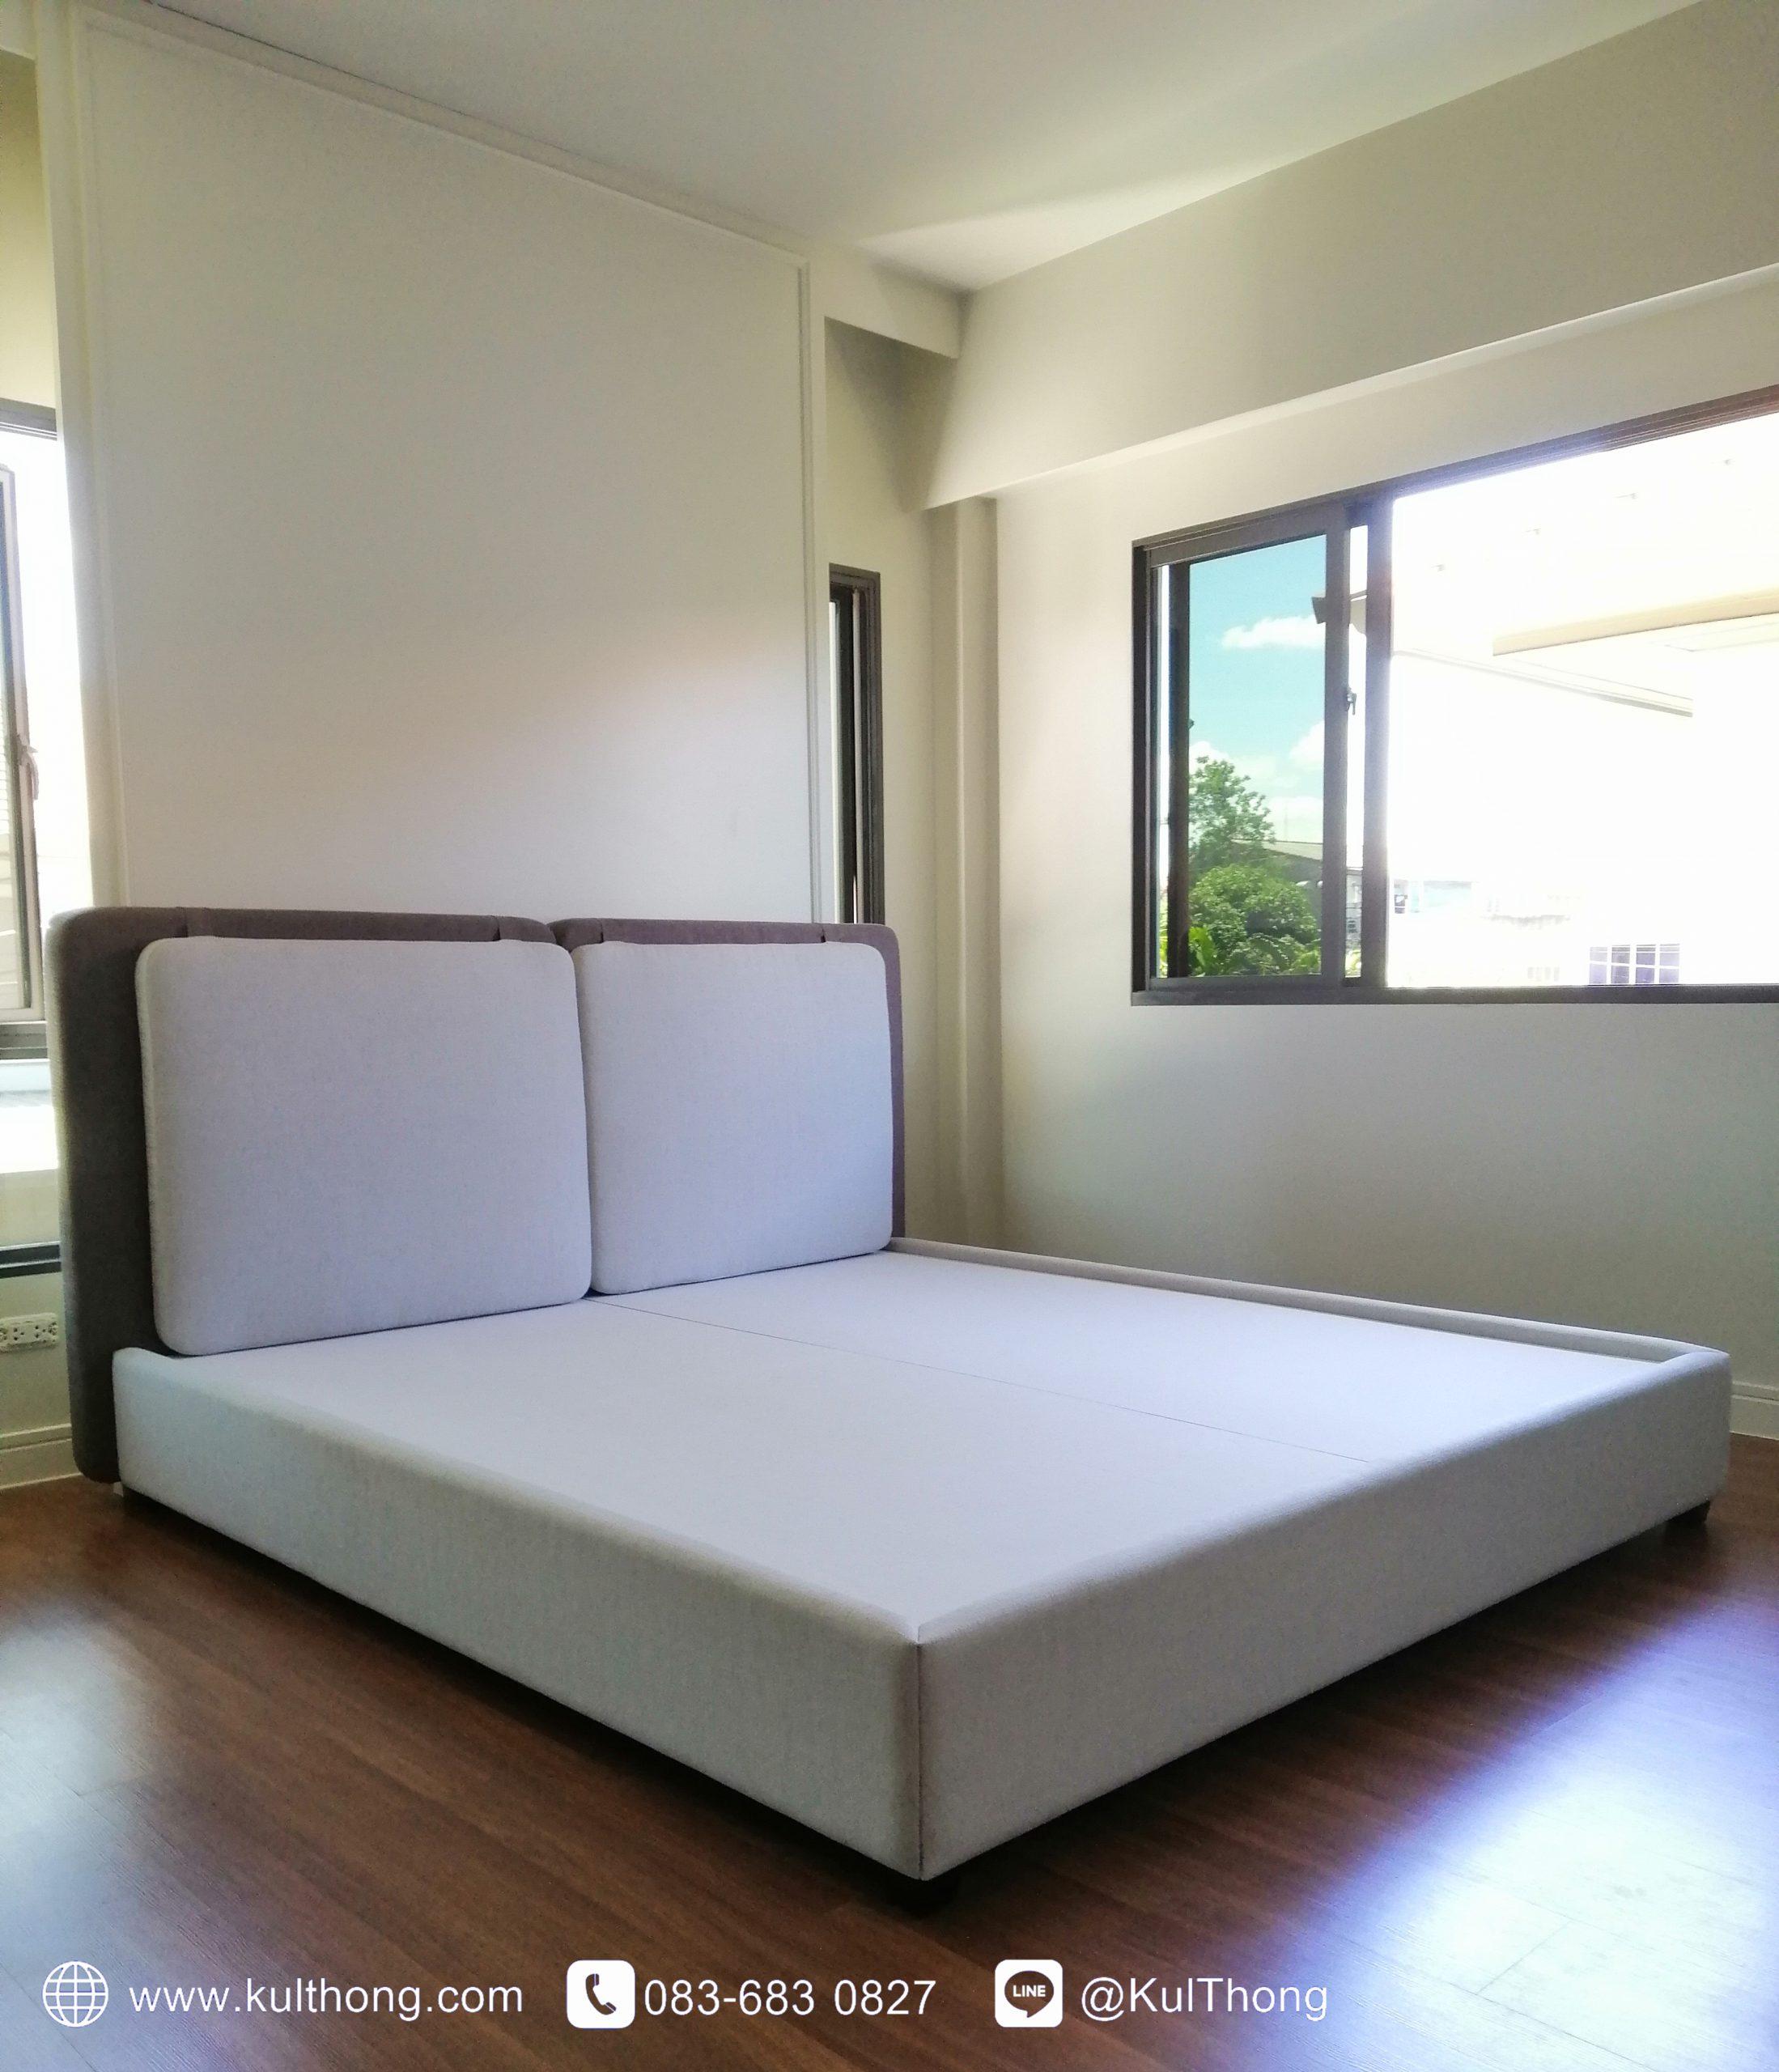 เตียงดีไซน์ ฐานเตียง ฐานรองที่นอน